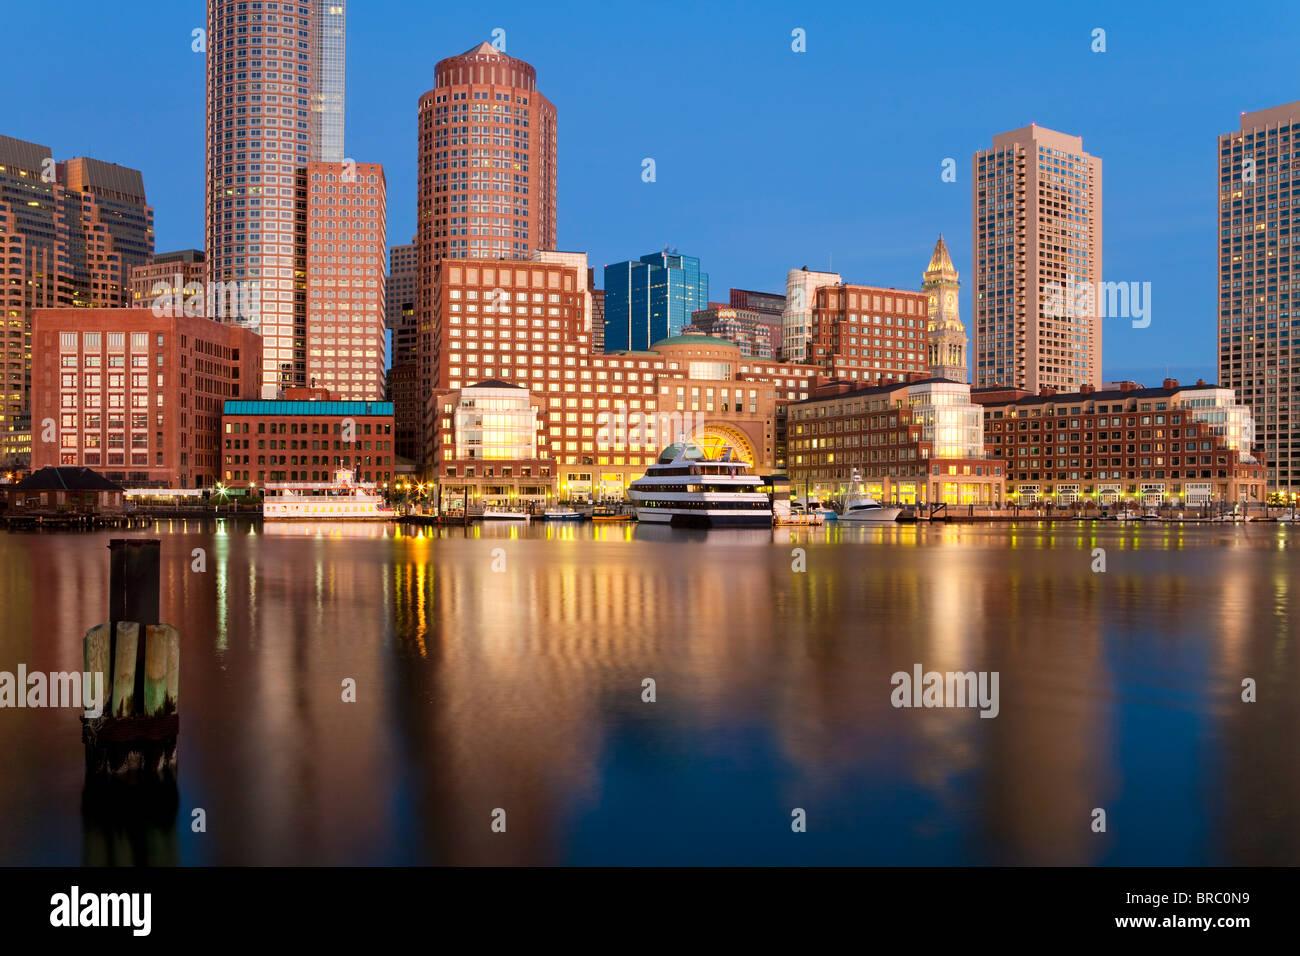 Ciudad y puerto interior incluyendo al amanecer Rowes Wharf, Boston, Massachusetts, Nueva Inglaterra, EE.UU. Foto de stock